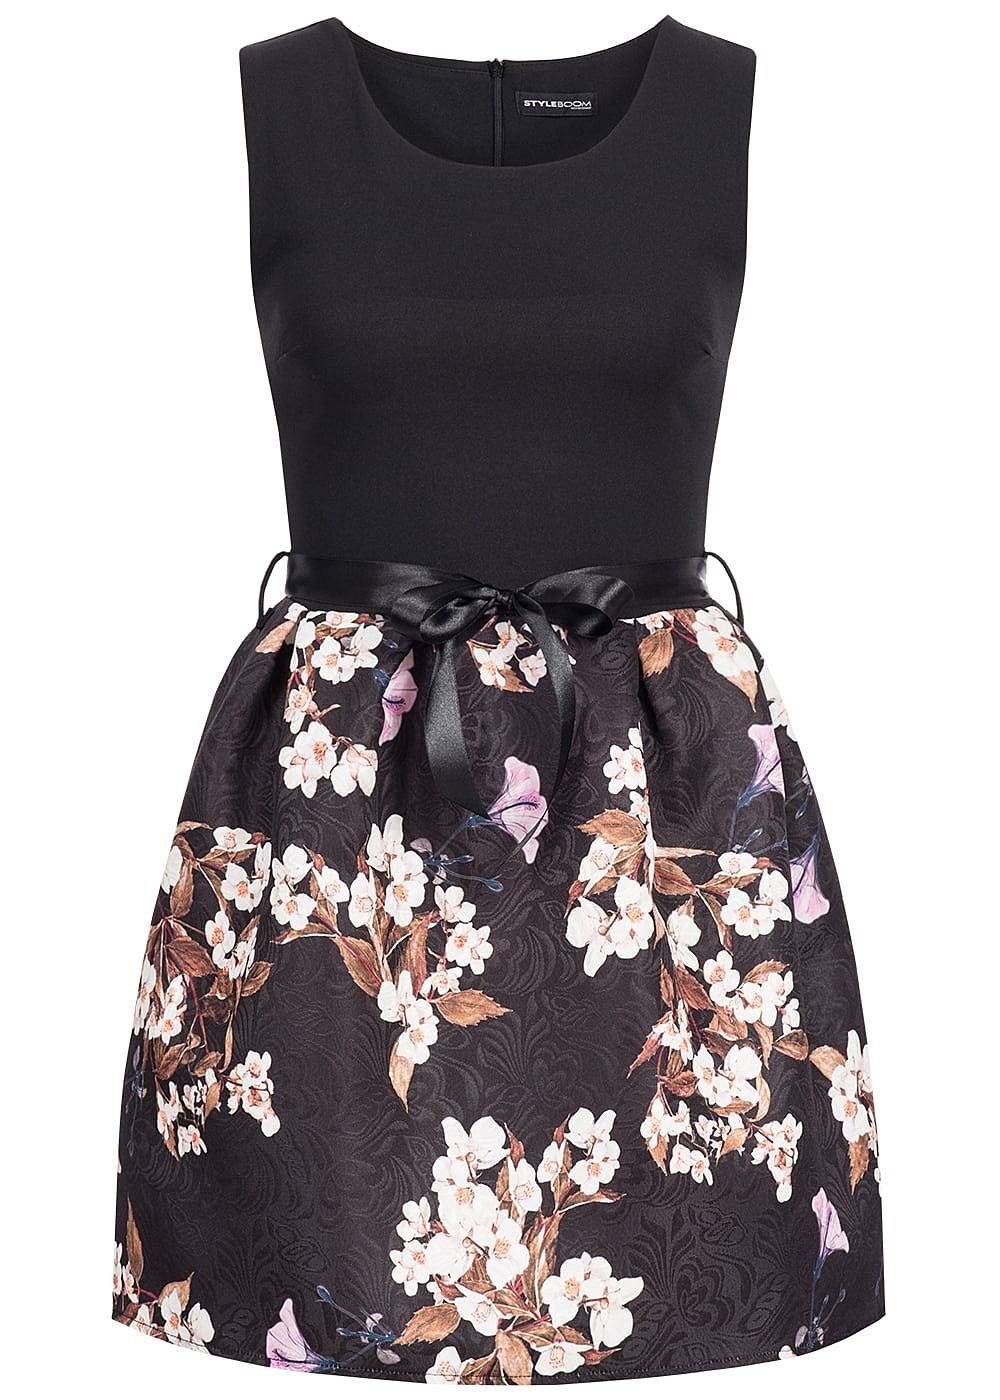 styleboom fashion damen mini kleid blumen muster bindeband zipper hinten schwarz 77onlineshop. Black Bedroom Furniture Sets. Home Design Ideas